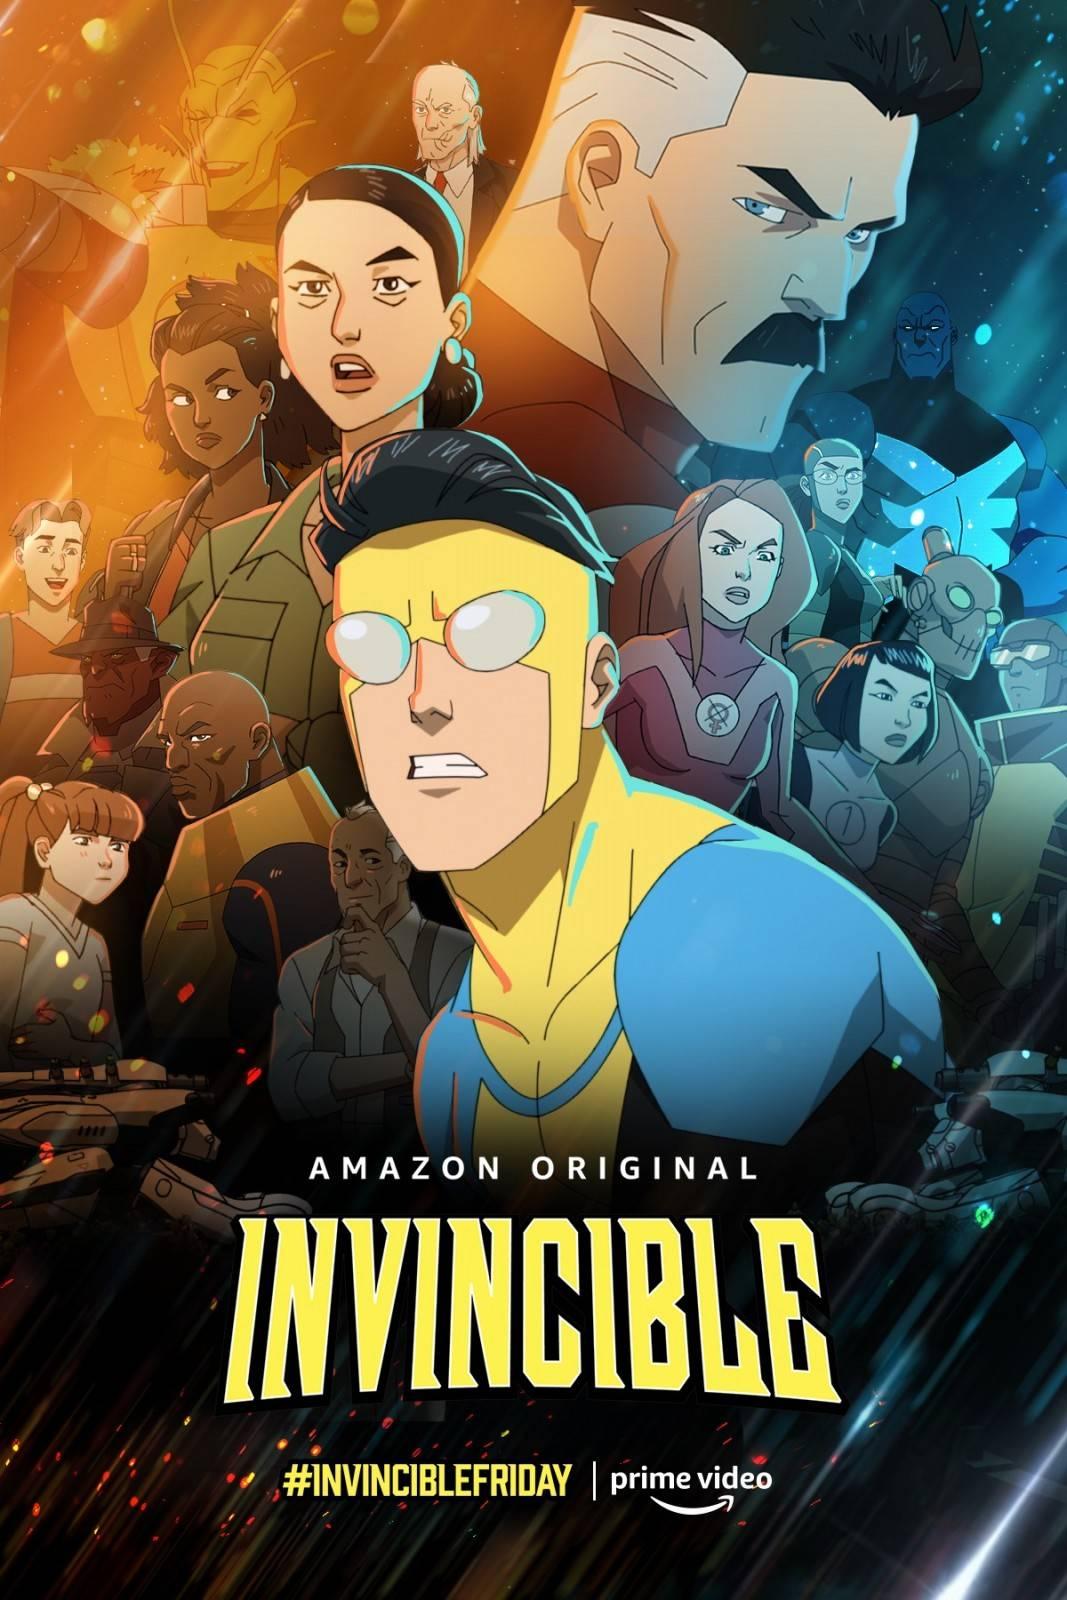 Reseña: Invincible ¿La mejor serie en lo que va de 2021? 1